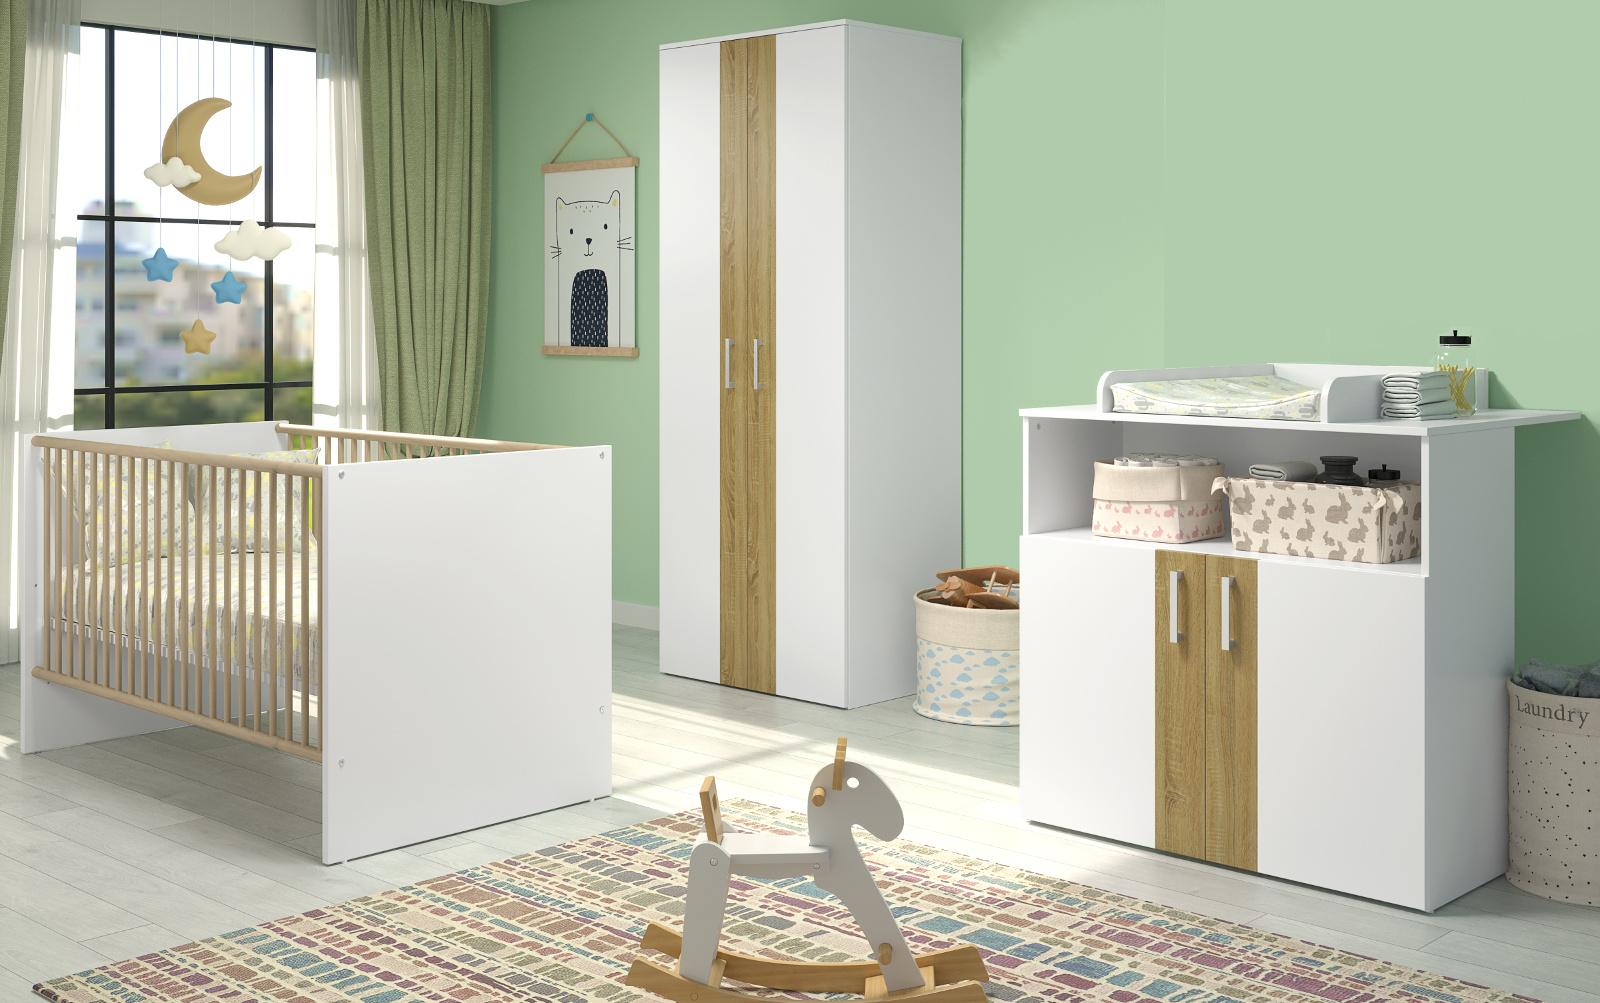 Wohnwand weiß hochglanz hängend  Wohnwand Modern Holz Hängend | rheumri.com